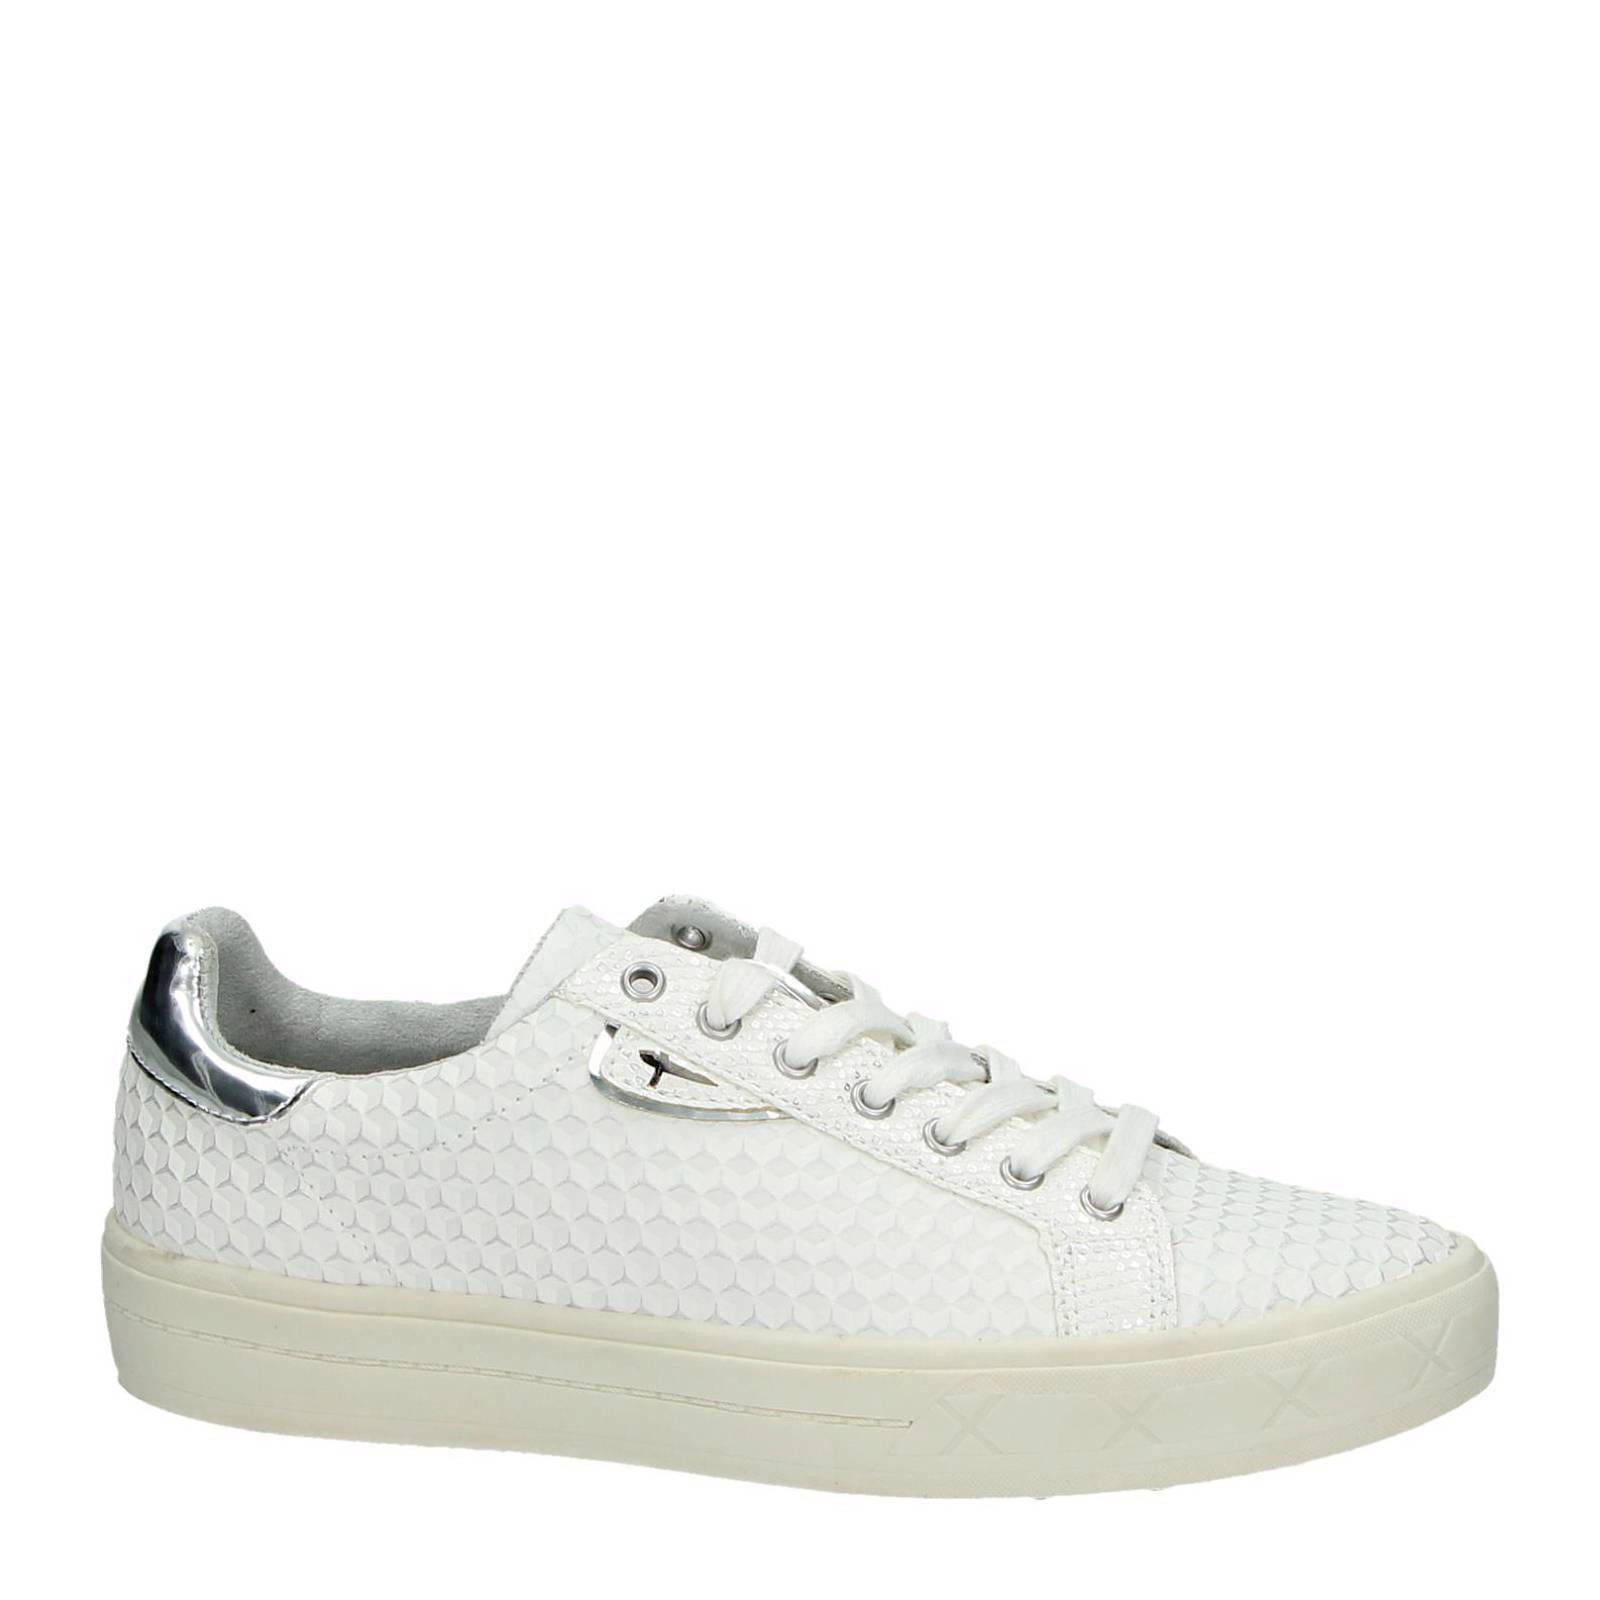 Chaussures Blanches D'été Tamaris Pour Femmes fHu0yrUqoE